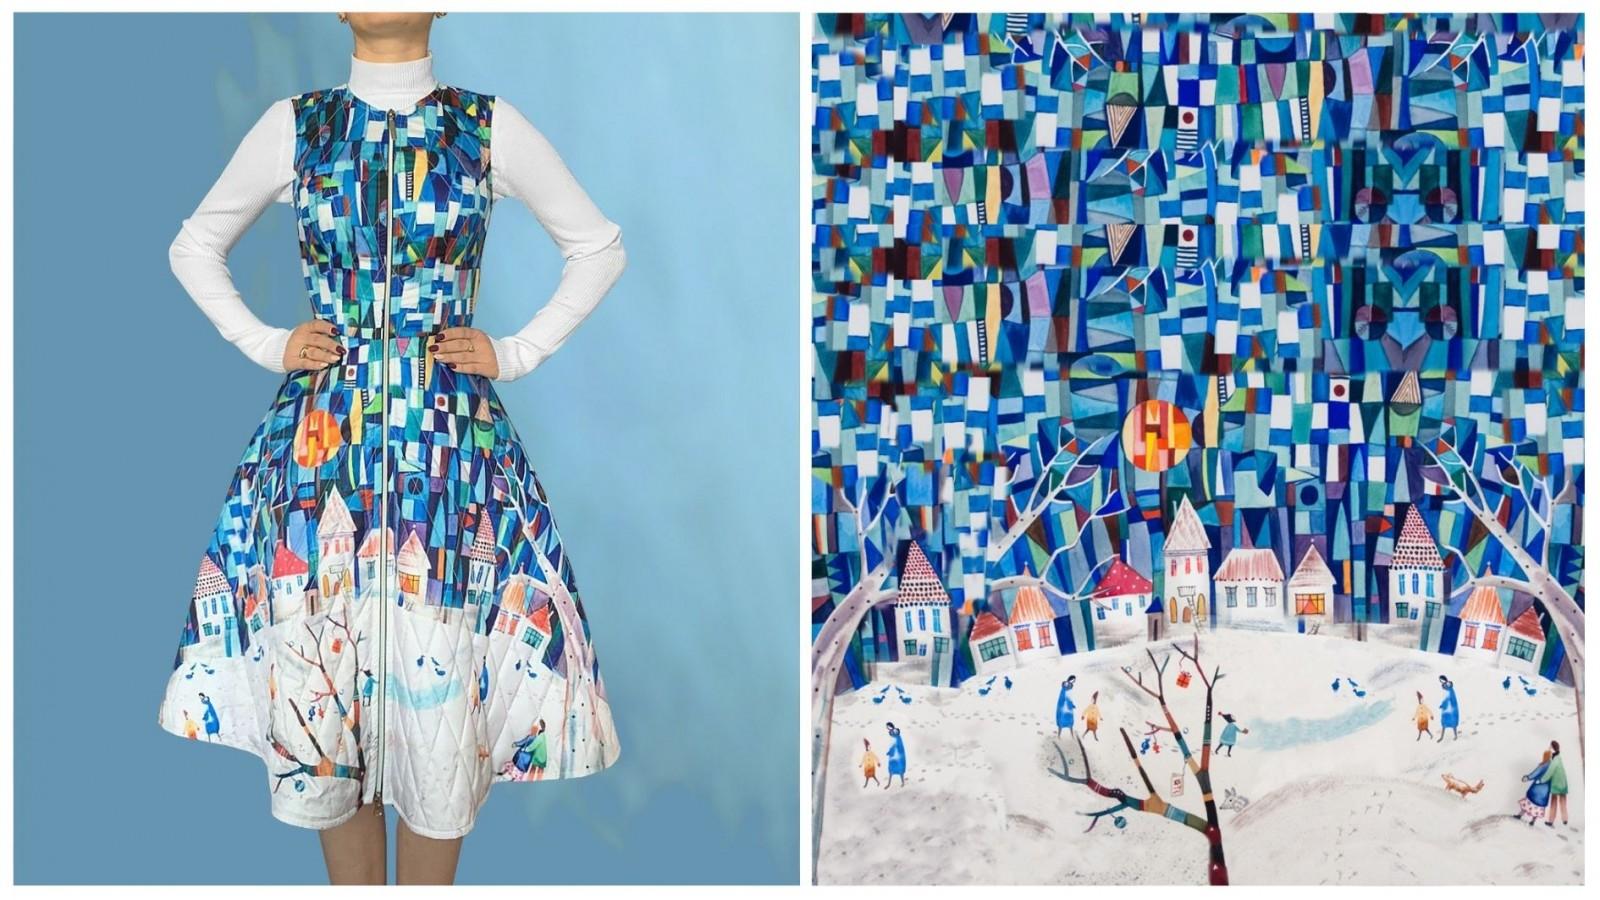 Платье Роза, стоимость 7500₽. Стоимость водолазки 1850₽